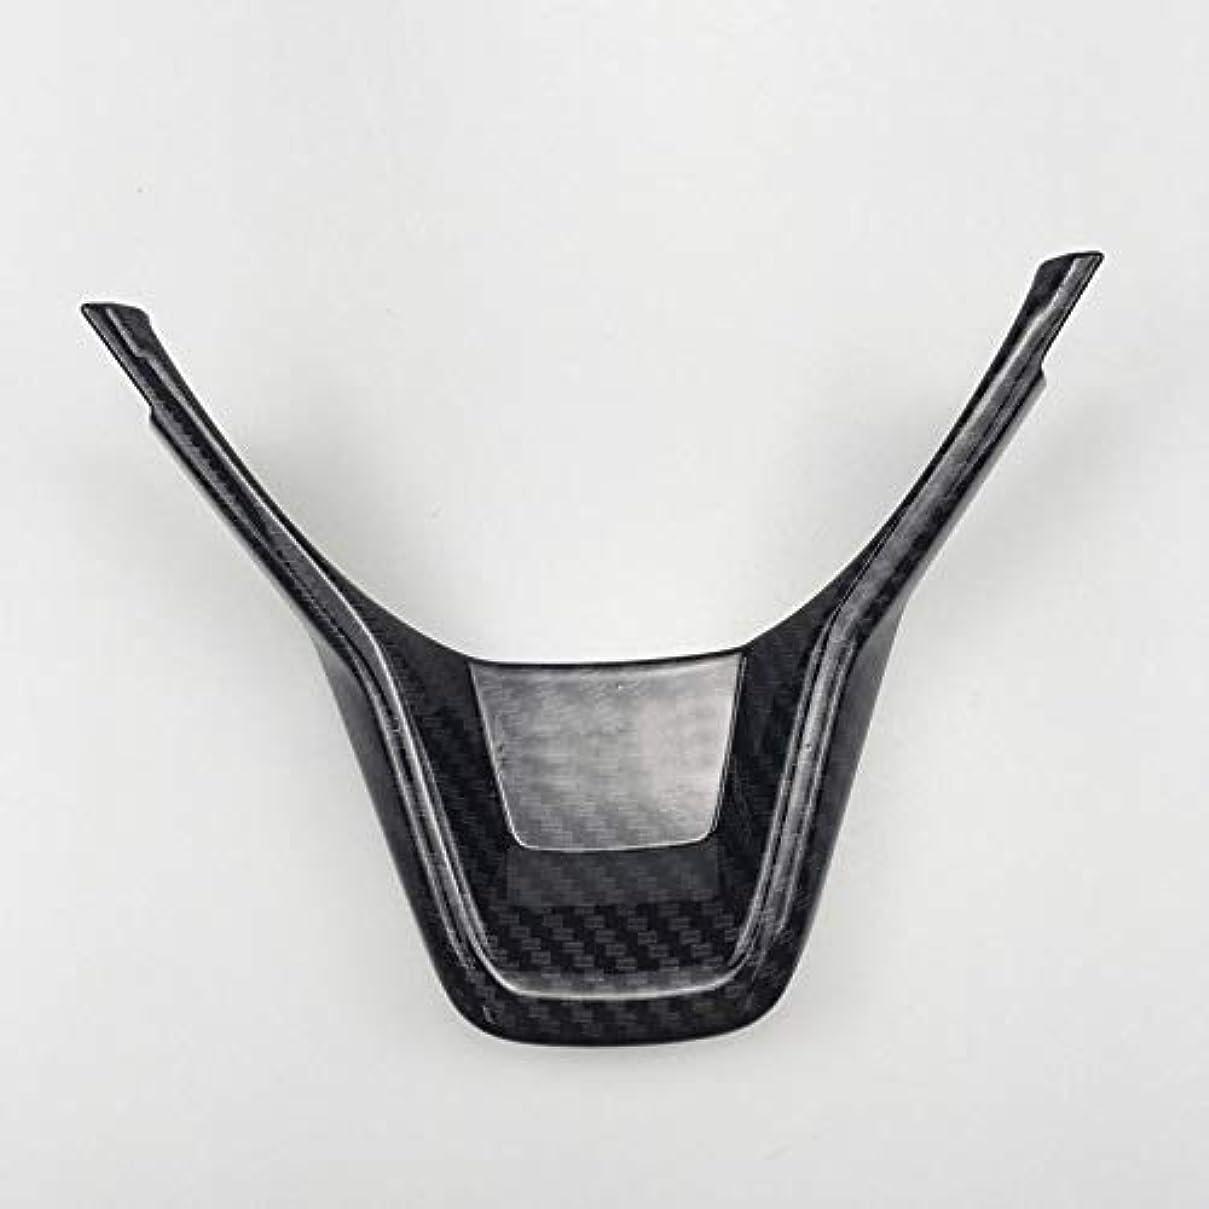 研磨マウント火山Jicorzo - Carbon Fiber Style ABS Car Interior Steering Wheel Cover Trim for Honda Accord 2018 Car Interior Accessories Styling